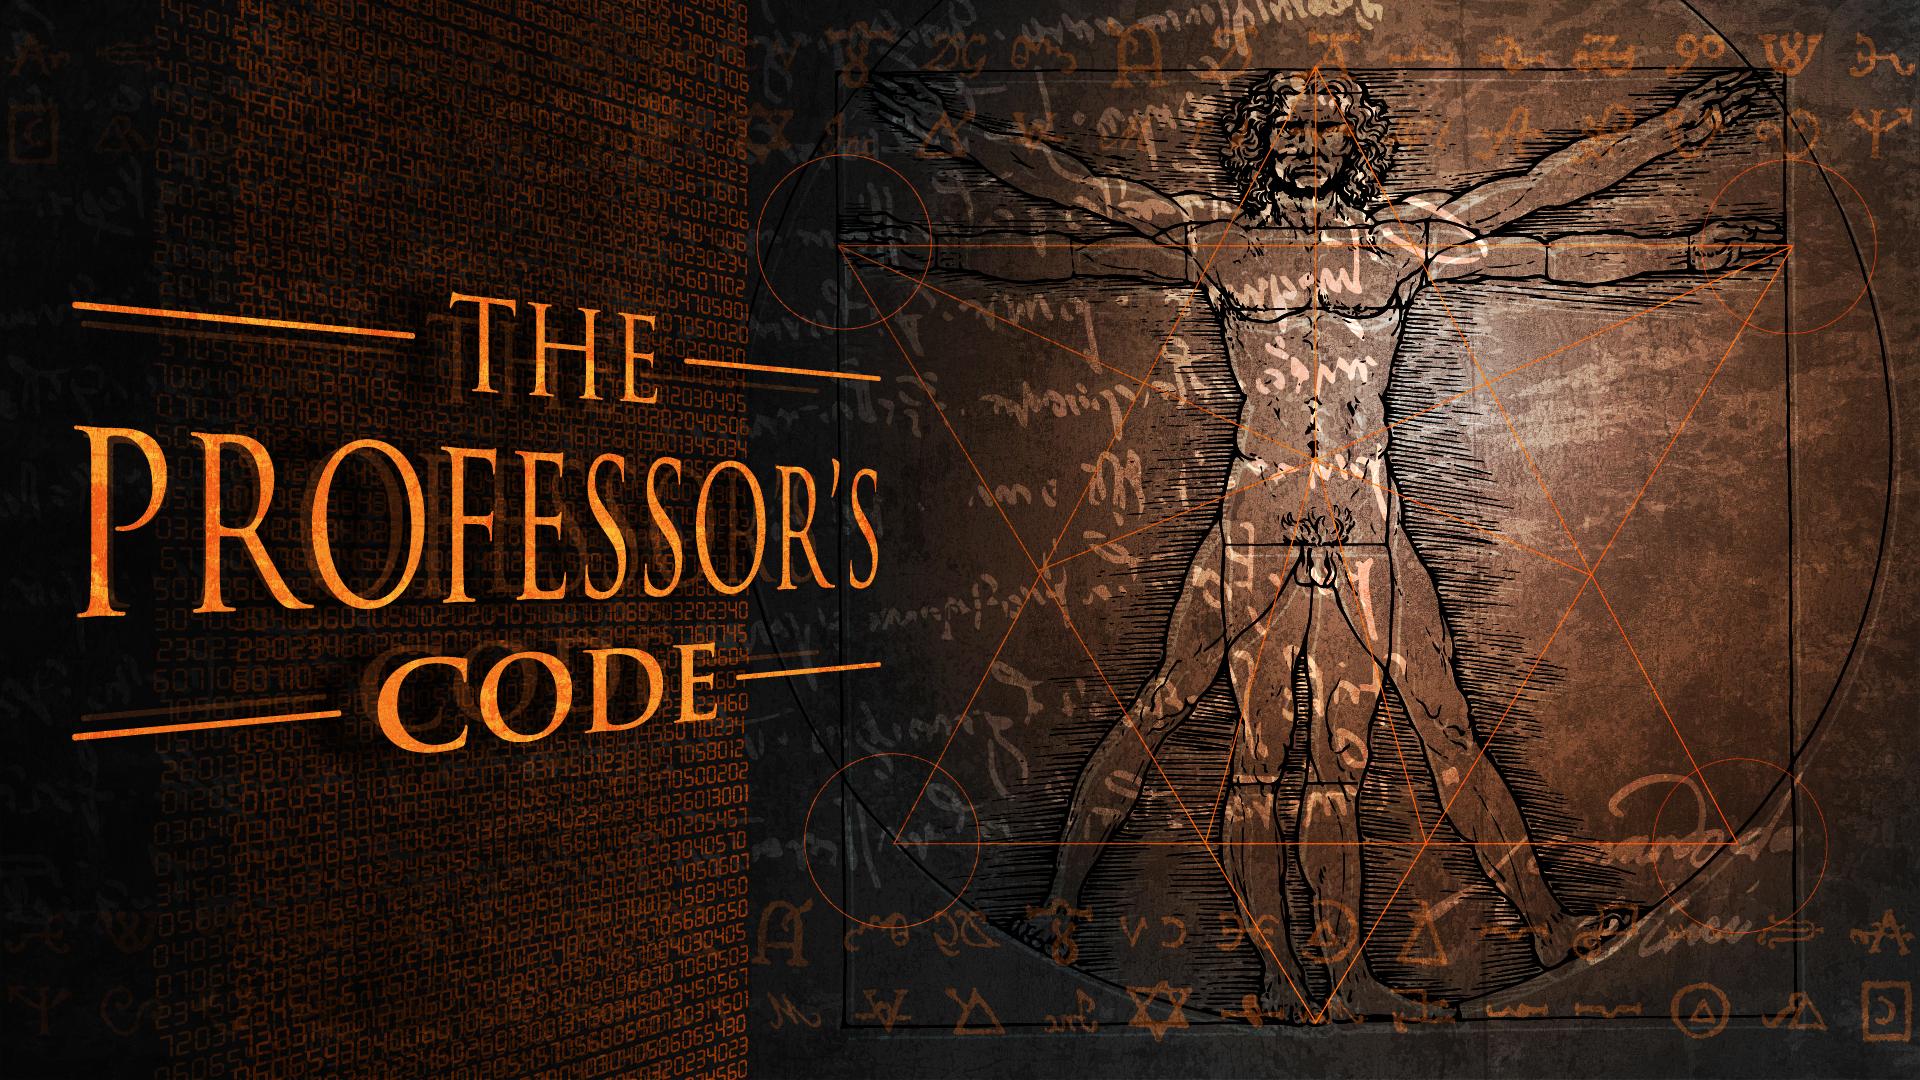 Professors Code